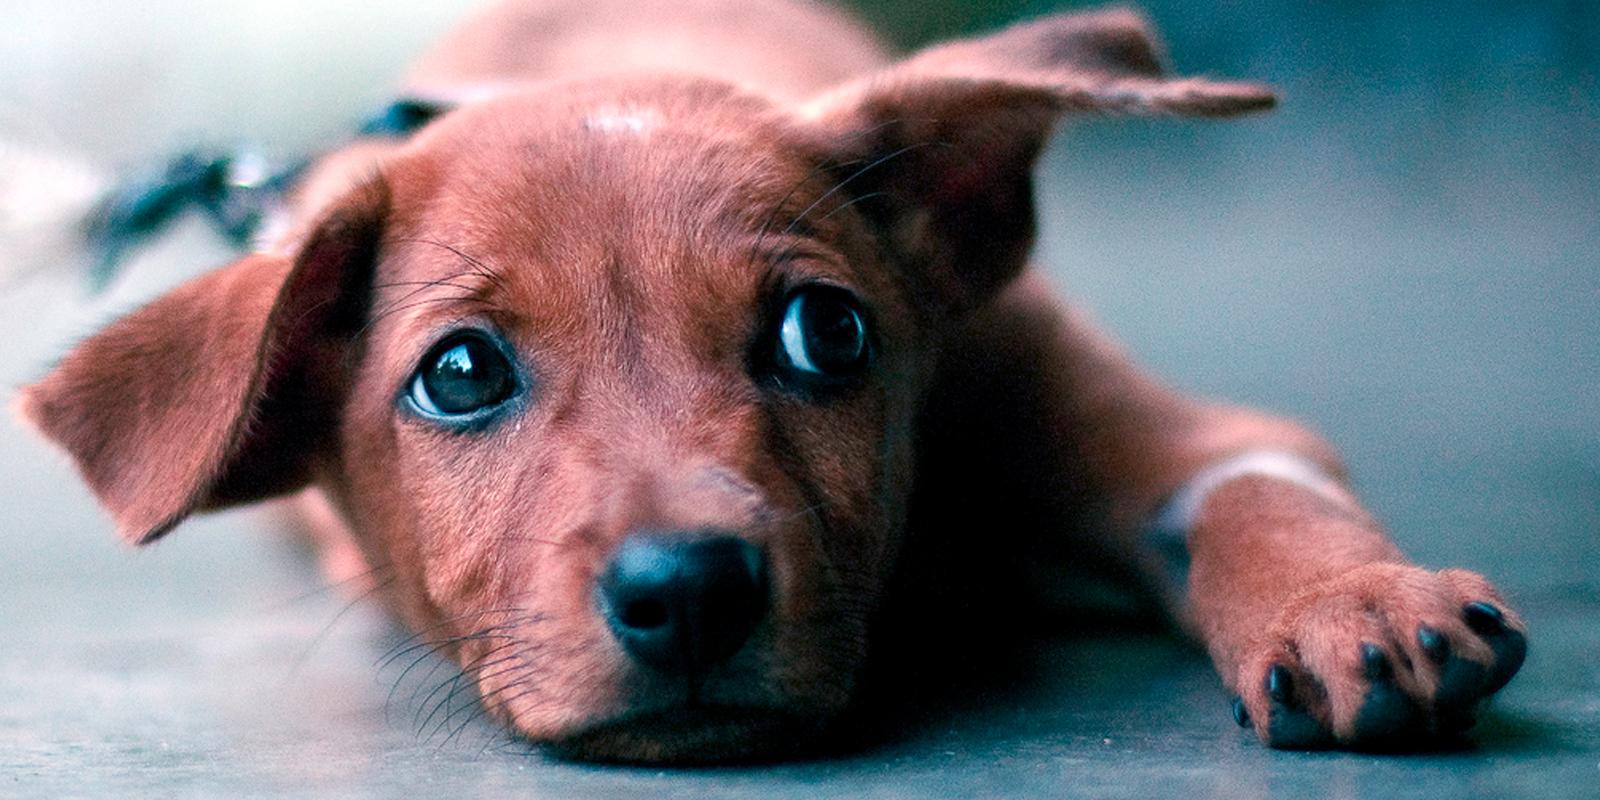 Streunerhunde in Griechenland: Auf Ägina werden jährlich rund 200 Hunde ausgesetzt